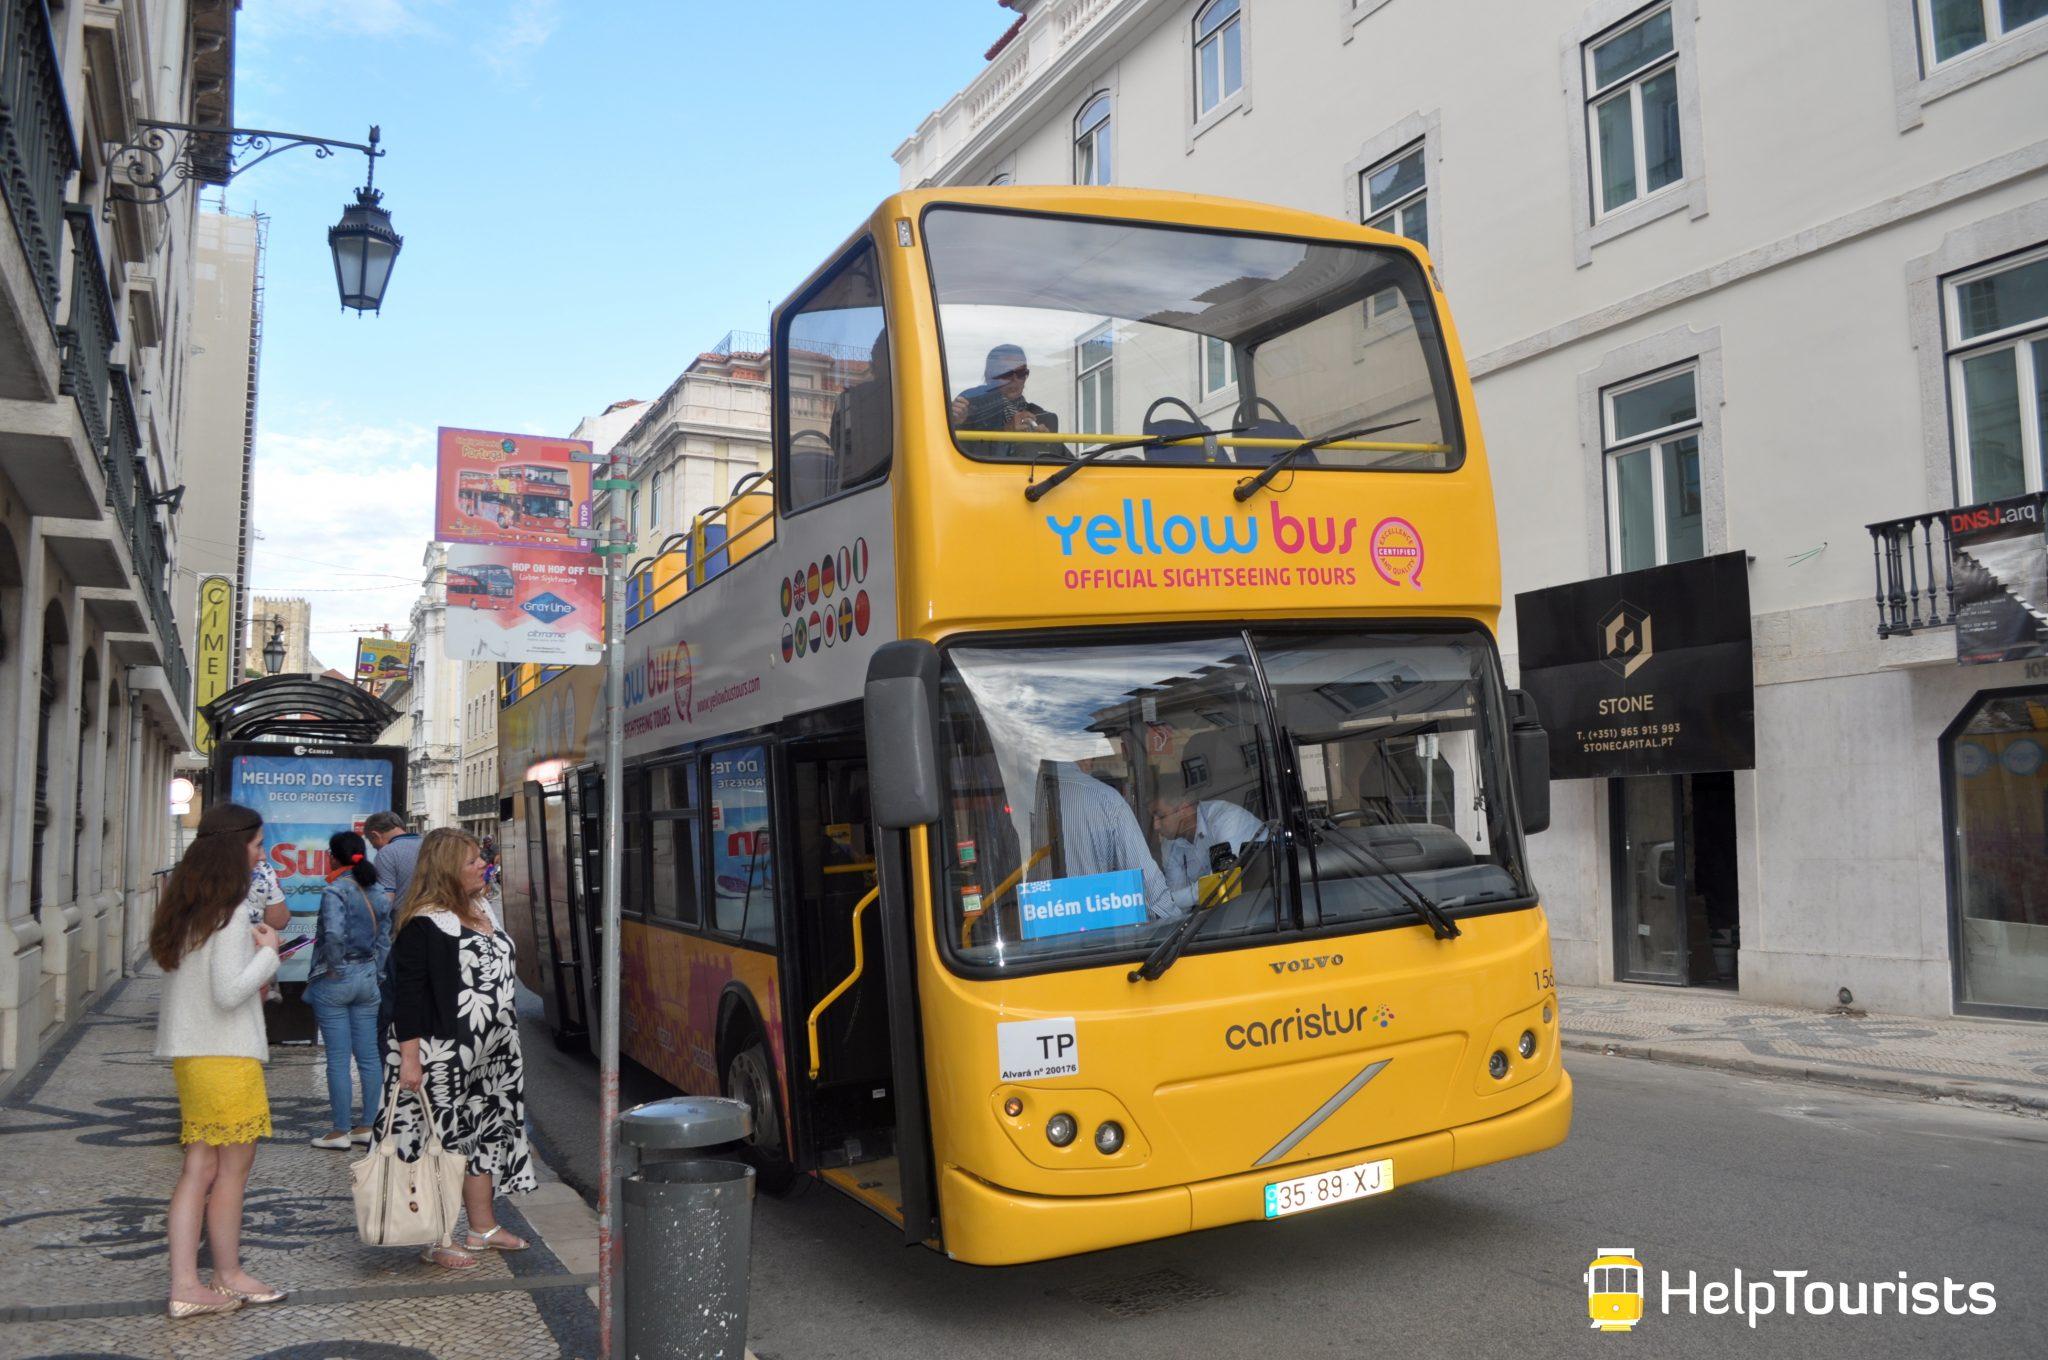 Lisbonne Yellow Bus arrêt